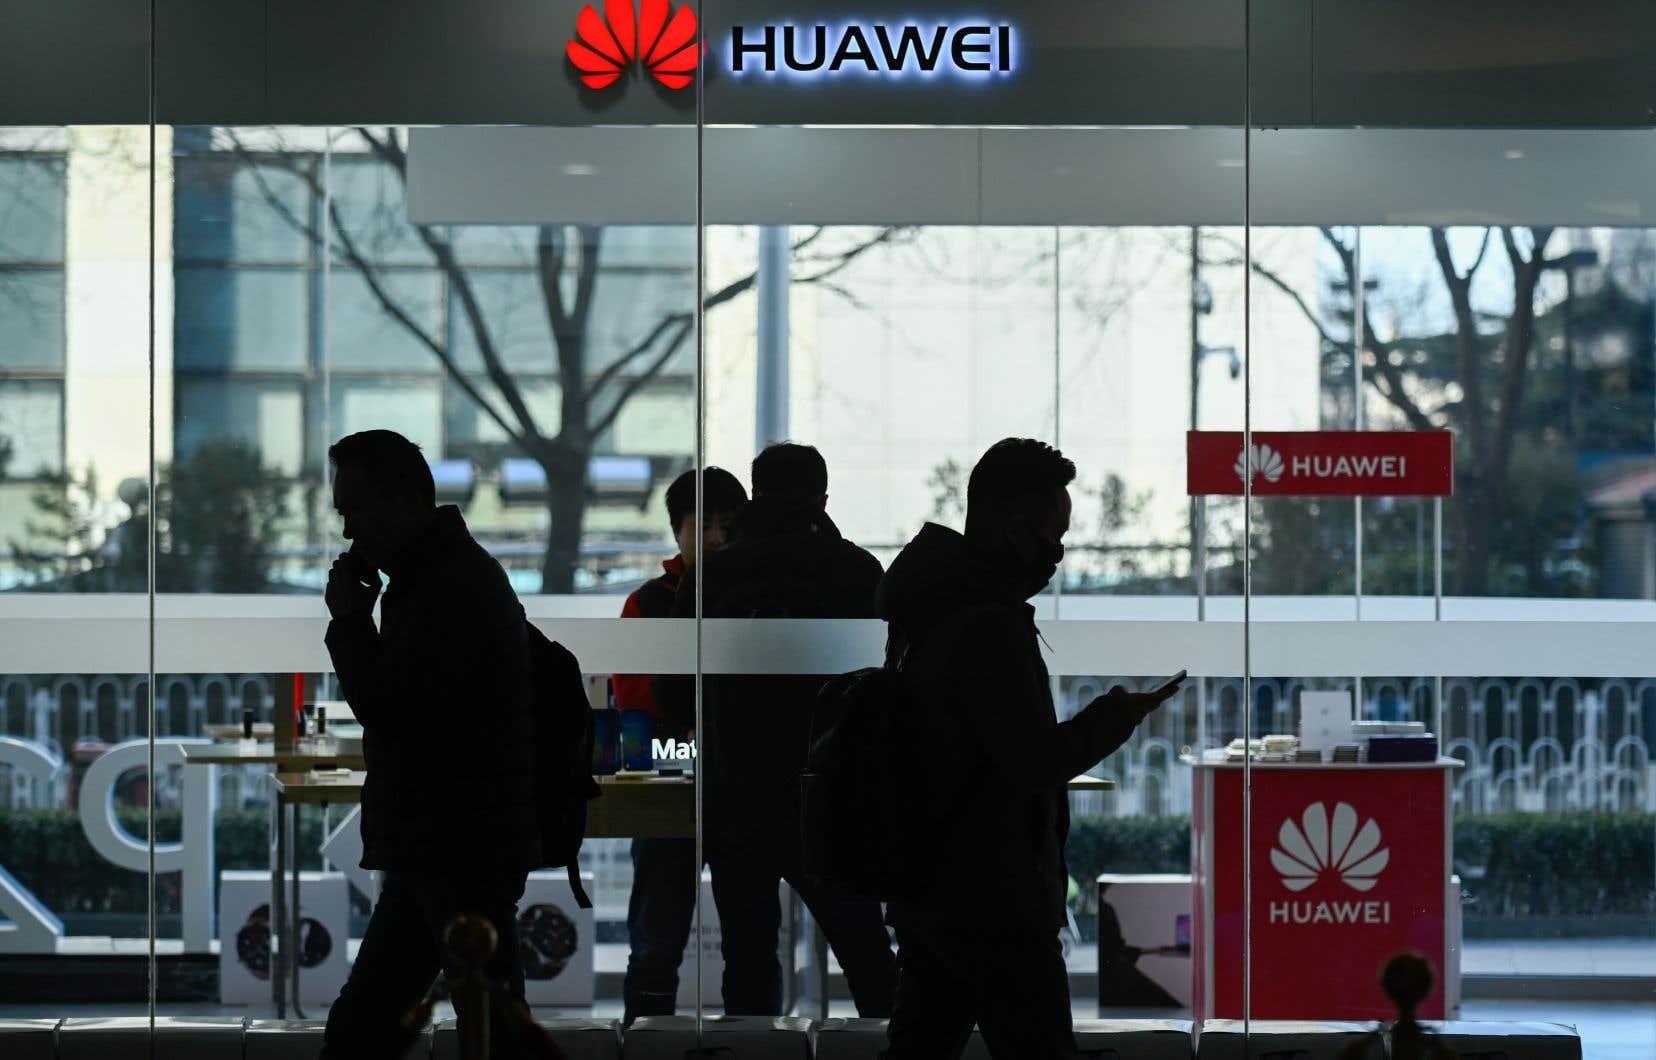 Huawei n'a pas confirmé si le suspect était bien un de ses employés, disant simplement «regarder de près» ces informations.